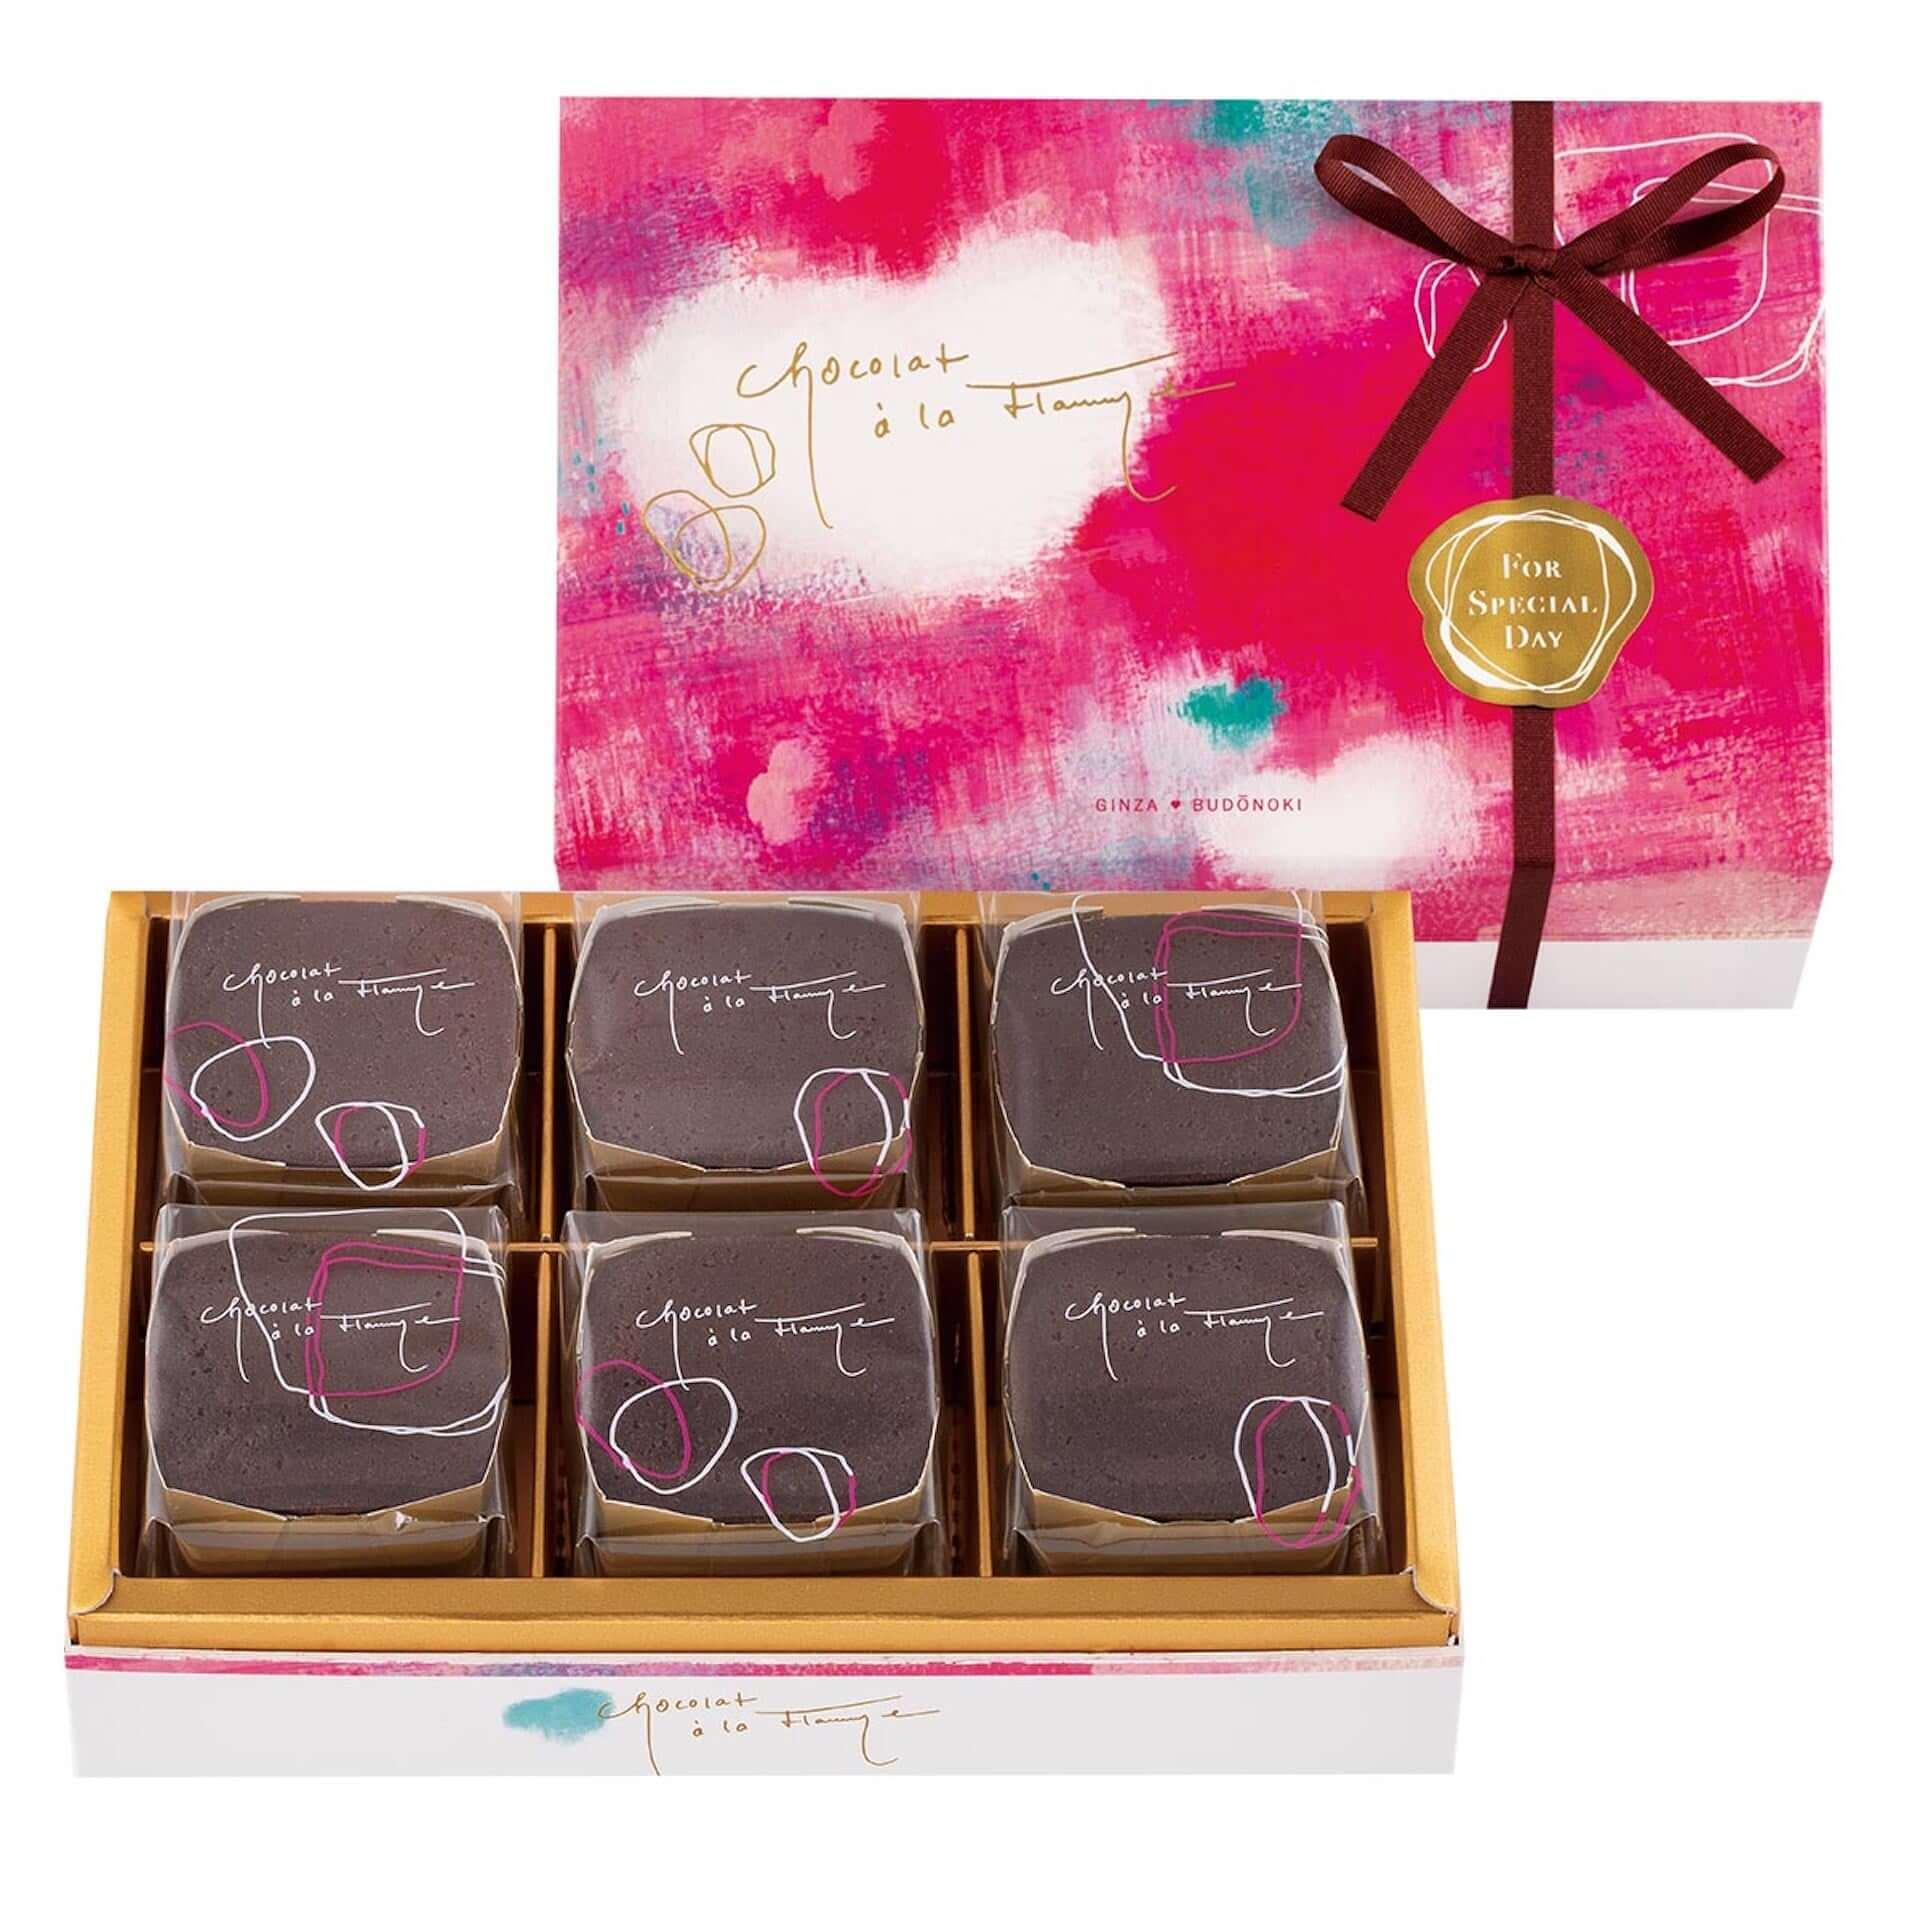 バレンタインの期間限定!600万個以上販売されている「銀のぶどう」の定番商品『炎のチョコレート』が今年も登場 gourmet210107_ginnobudo_4-1920x1920